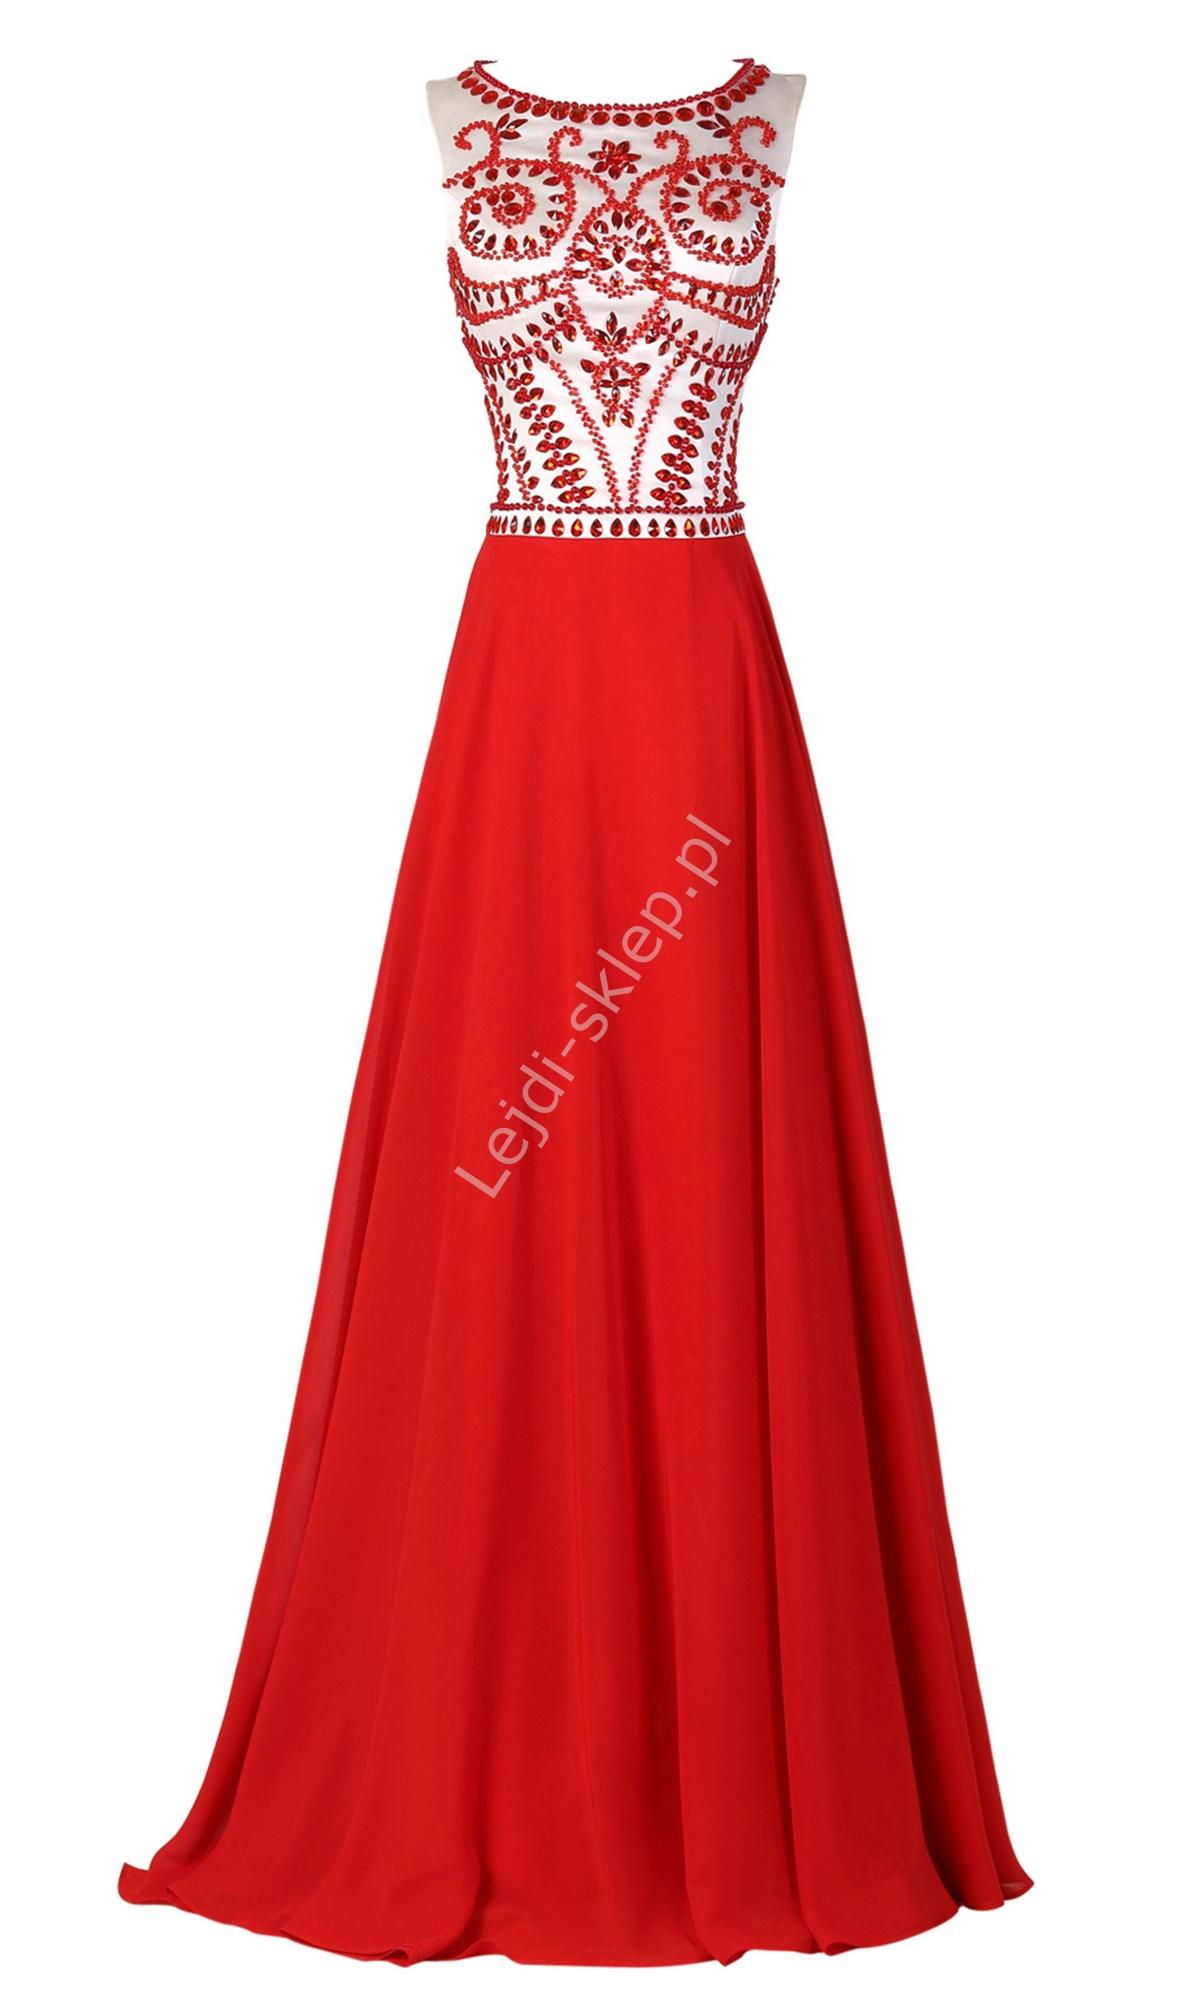 bd6e23e406 Długa czerwona suknia wieczorowa w stylu Sherri Hill 11146 - Lejdi.pl